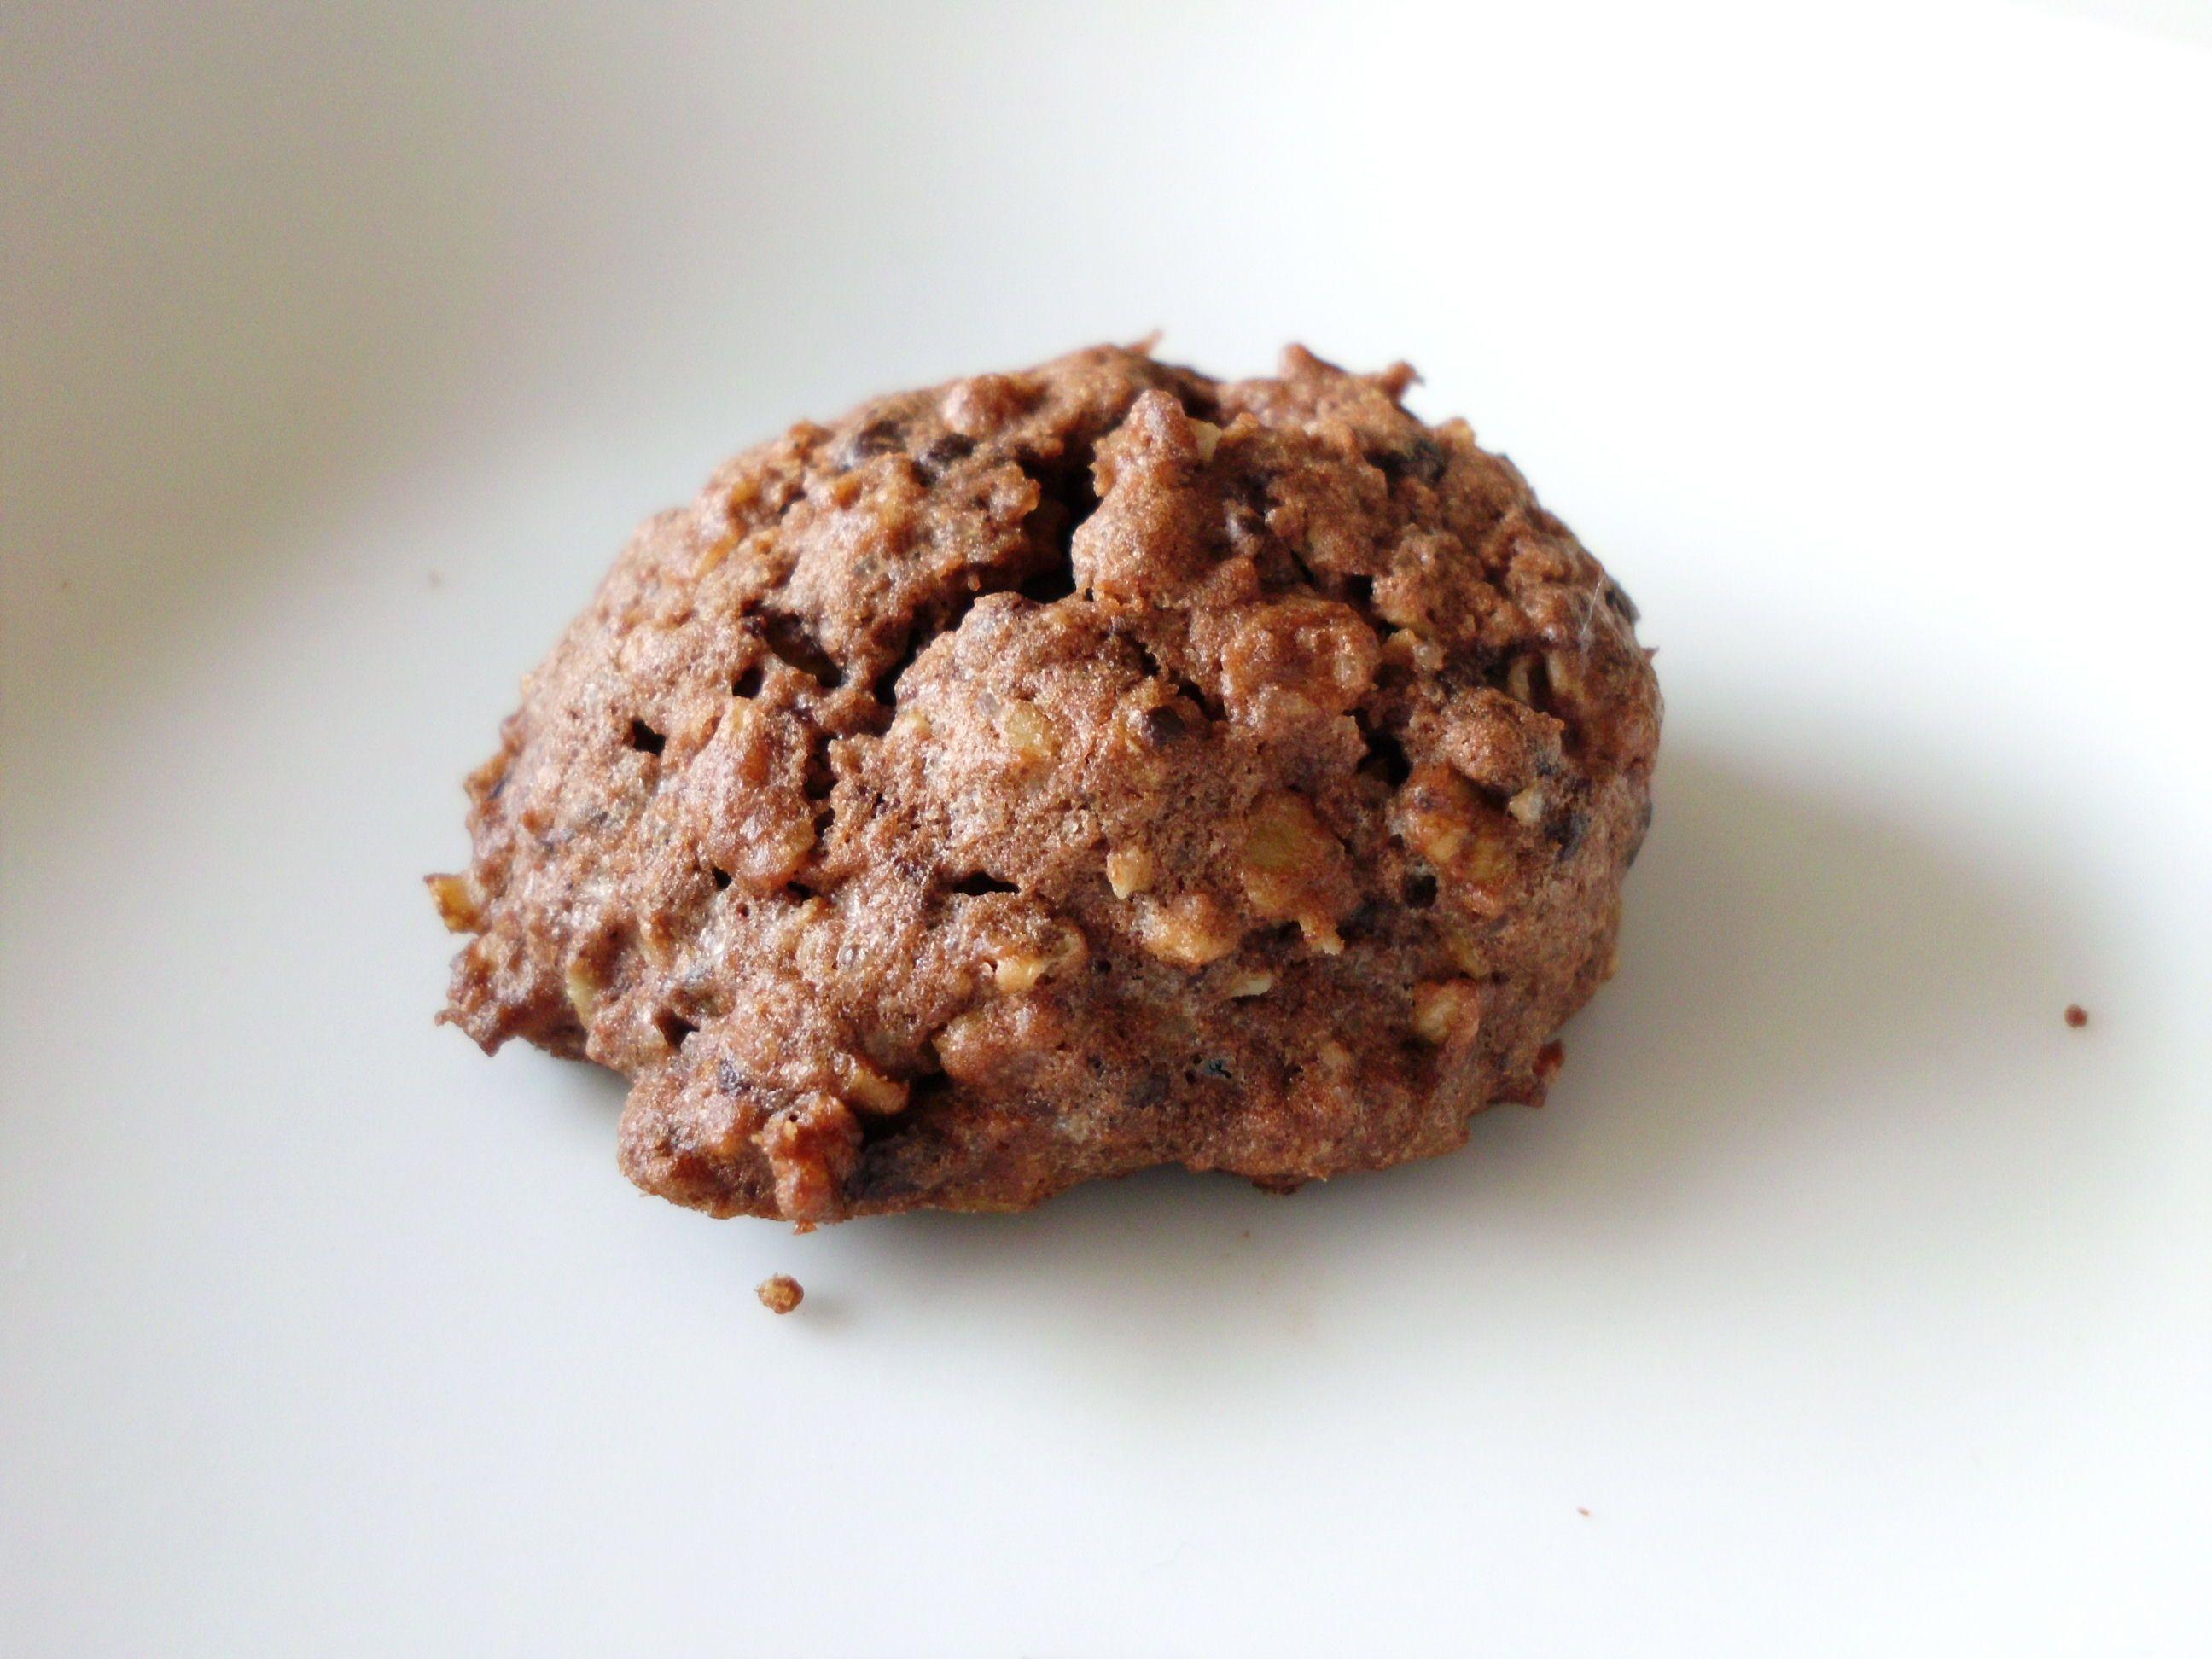 Bei uns gab es letzt zu einem gemütlichen DVD-Abend diese leckeren Kekse. Sie sind schnell gemacht, schön schokoladig und ich persönlich mag das kernige der Haferflocken sehr gern. Am besten schmec…